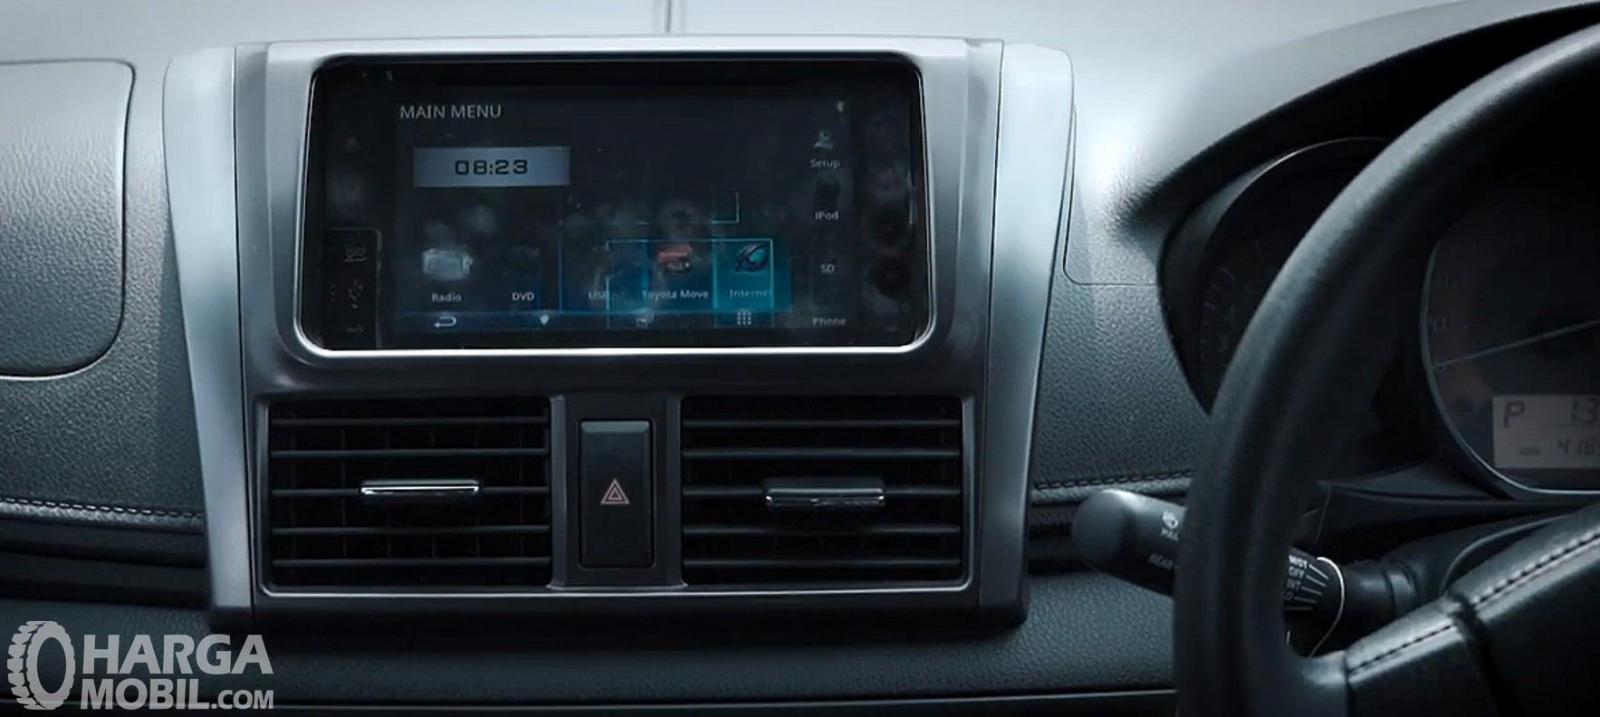 Fitur Hiburan Toyota Yaris G AT 2014 sudah sangat lengkap baik pada sisi Head Unit Touchscreen serta fitur AC